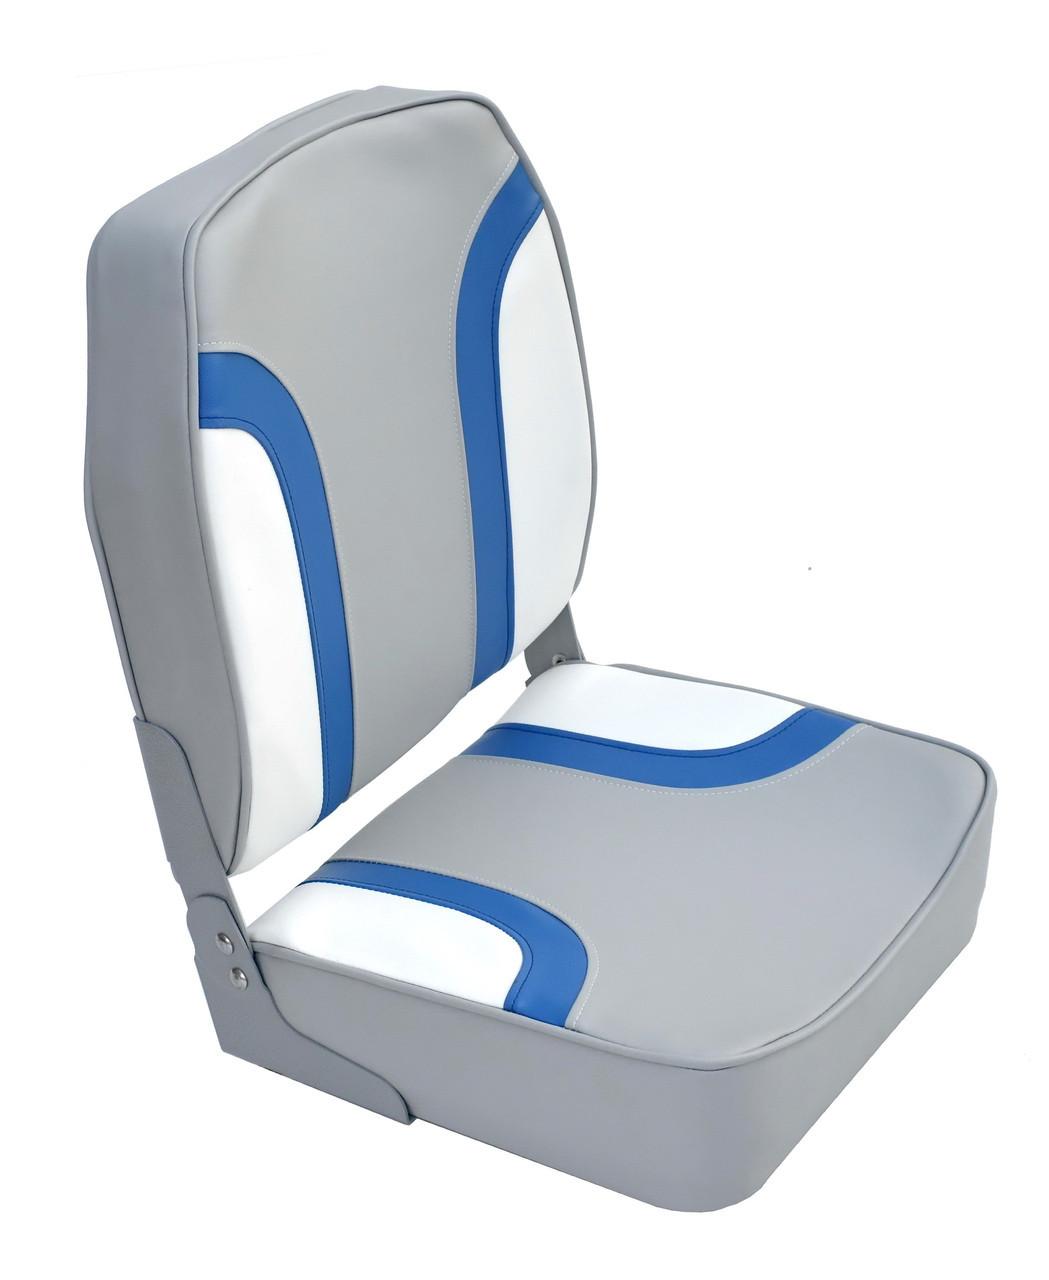 Сиденье высокое лодочное светлосерое/сине-белое